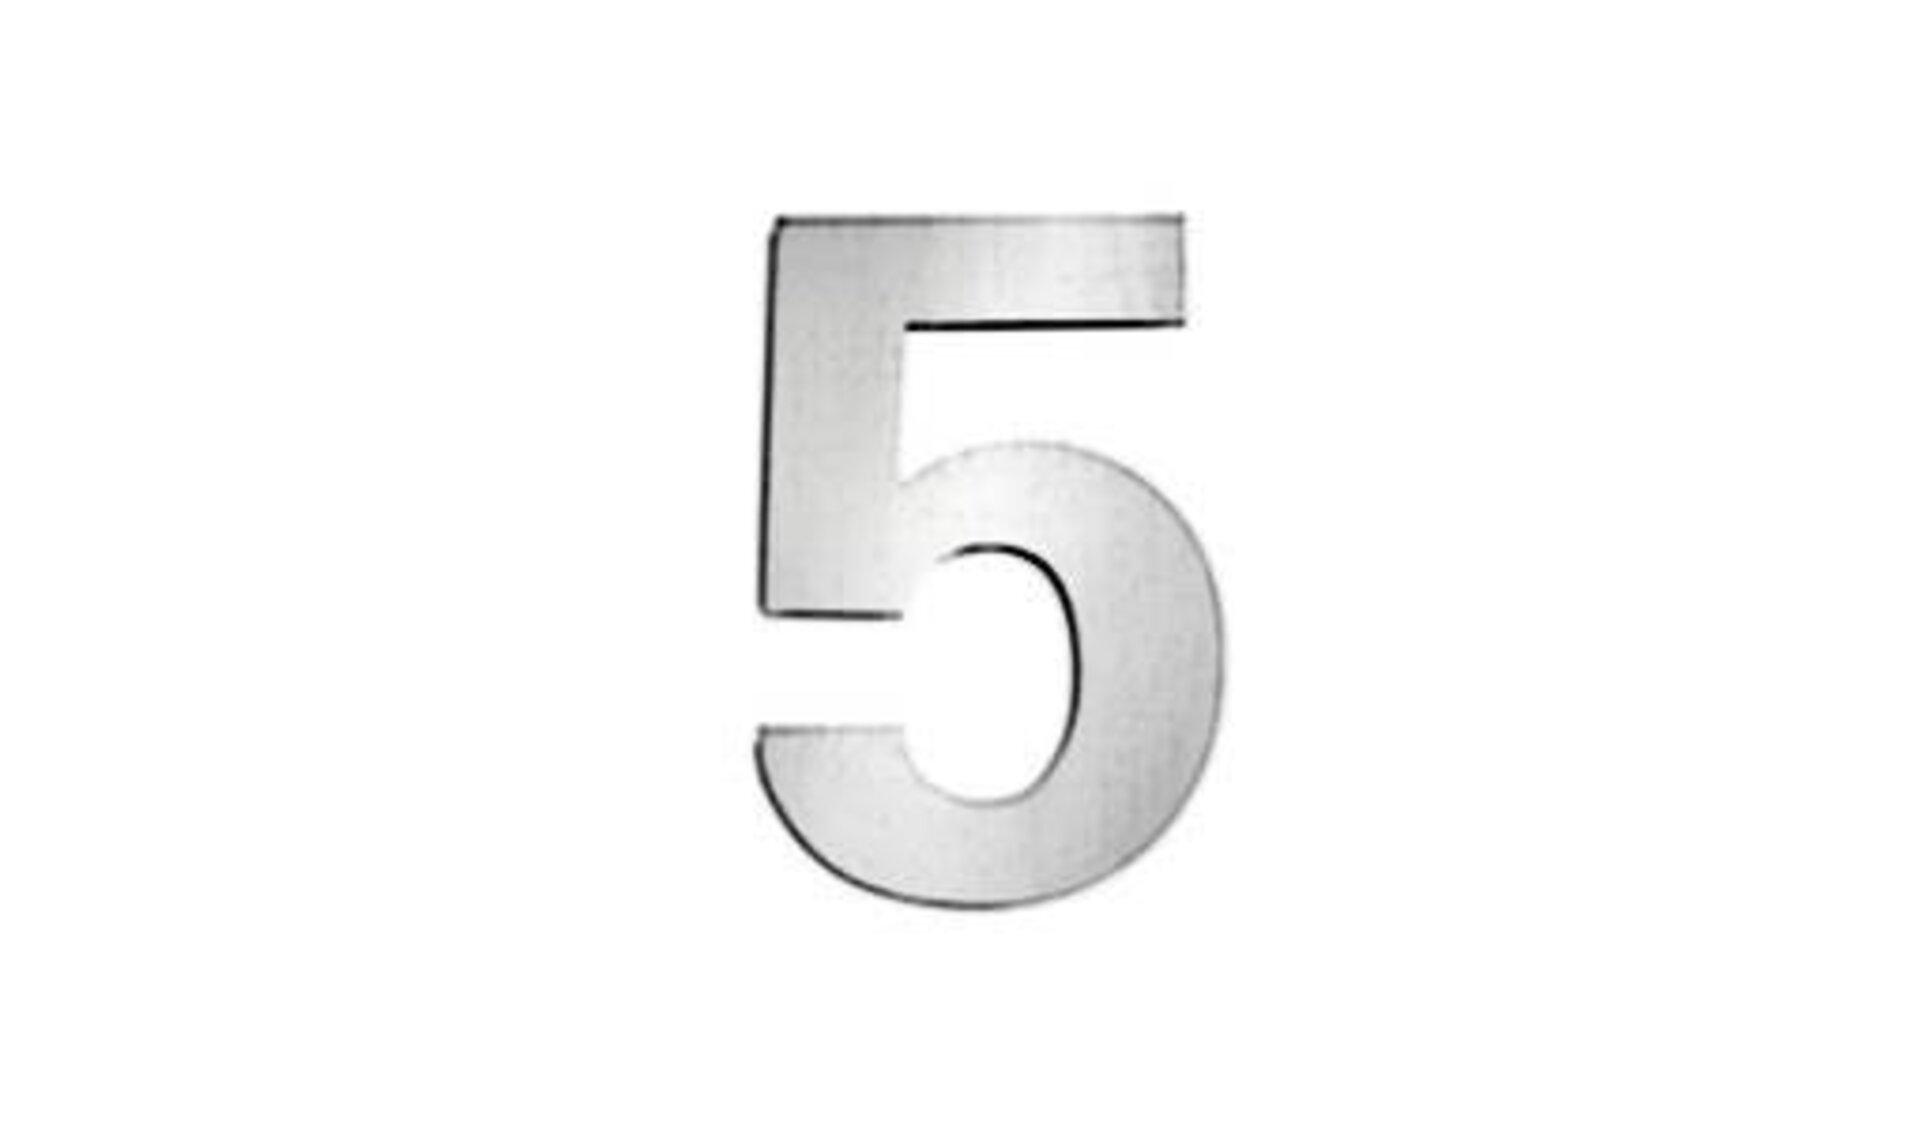 Icon für Hausnummern zeigt eine 5 aus gebürstetem Edelstahl und steht sinnbildlich für alle Hausnummern innerhalb der Produktwelt.